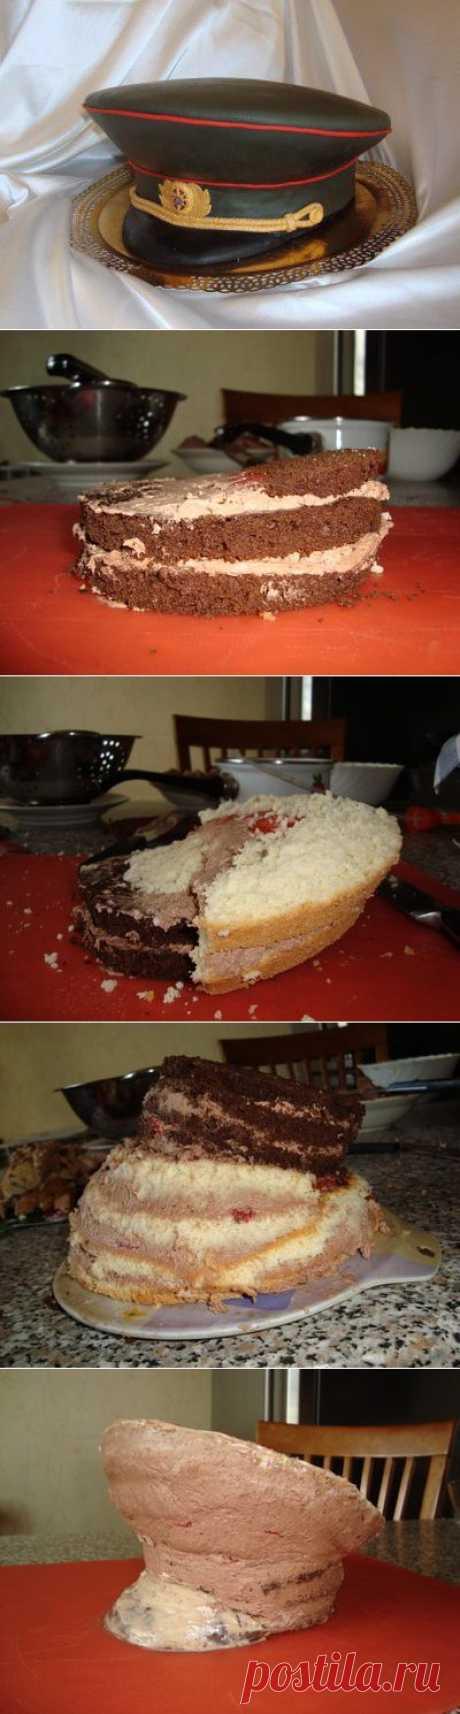 Как собрать торт - фуражку : Торты (украшения шаг за шагом)